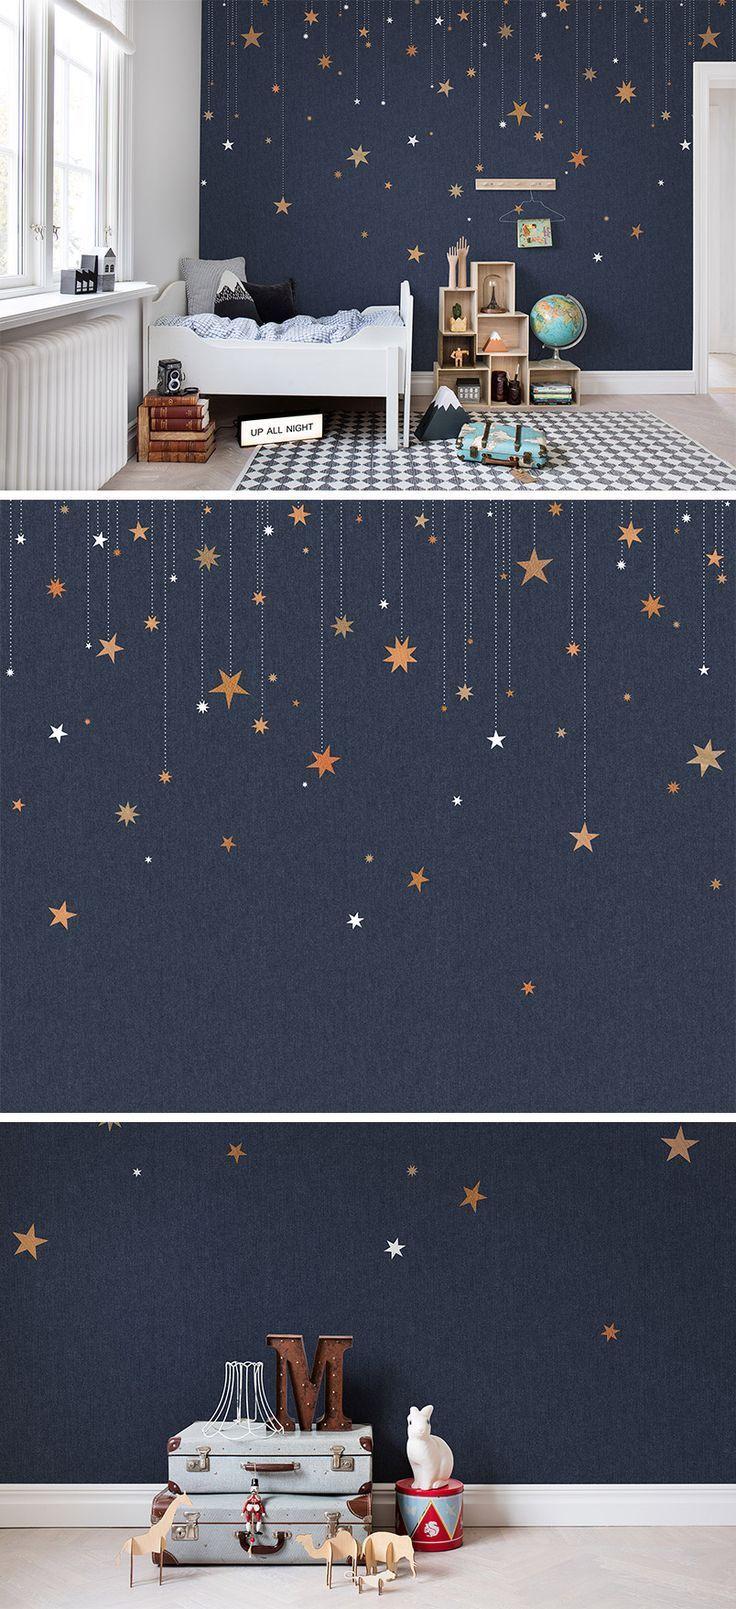 Best 25+ Kids Wall Murals Ideas On Pinterest   Kids Murals, Wall Murals For  Kids And Kids Room Murals Part 59